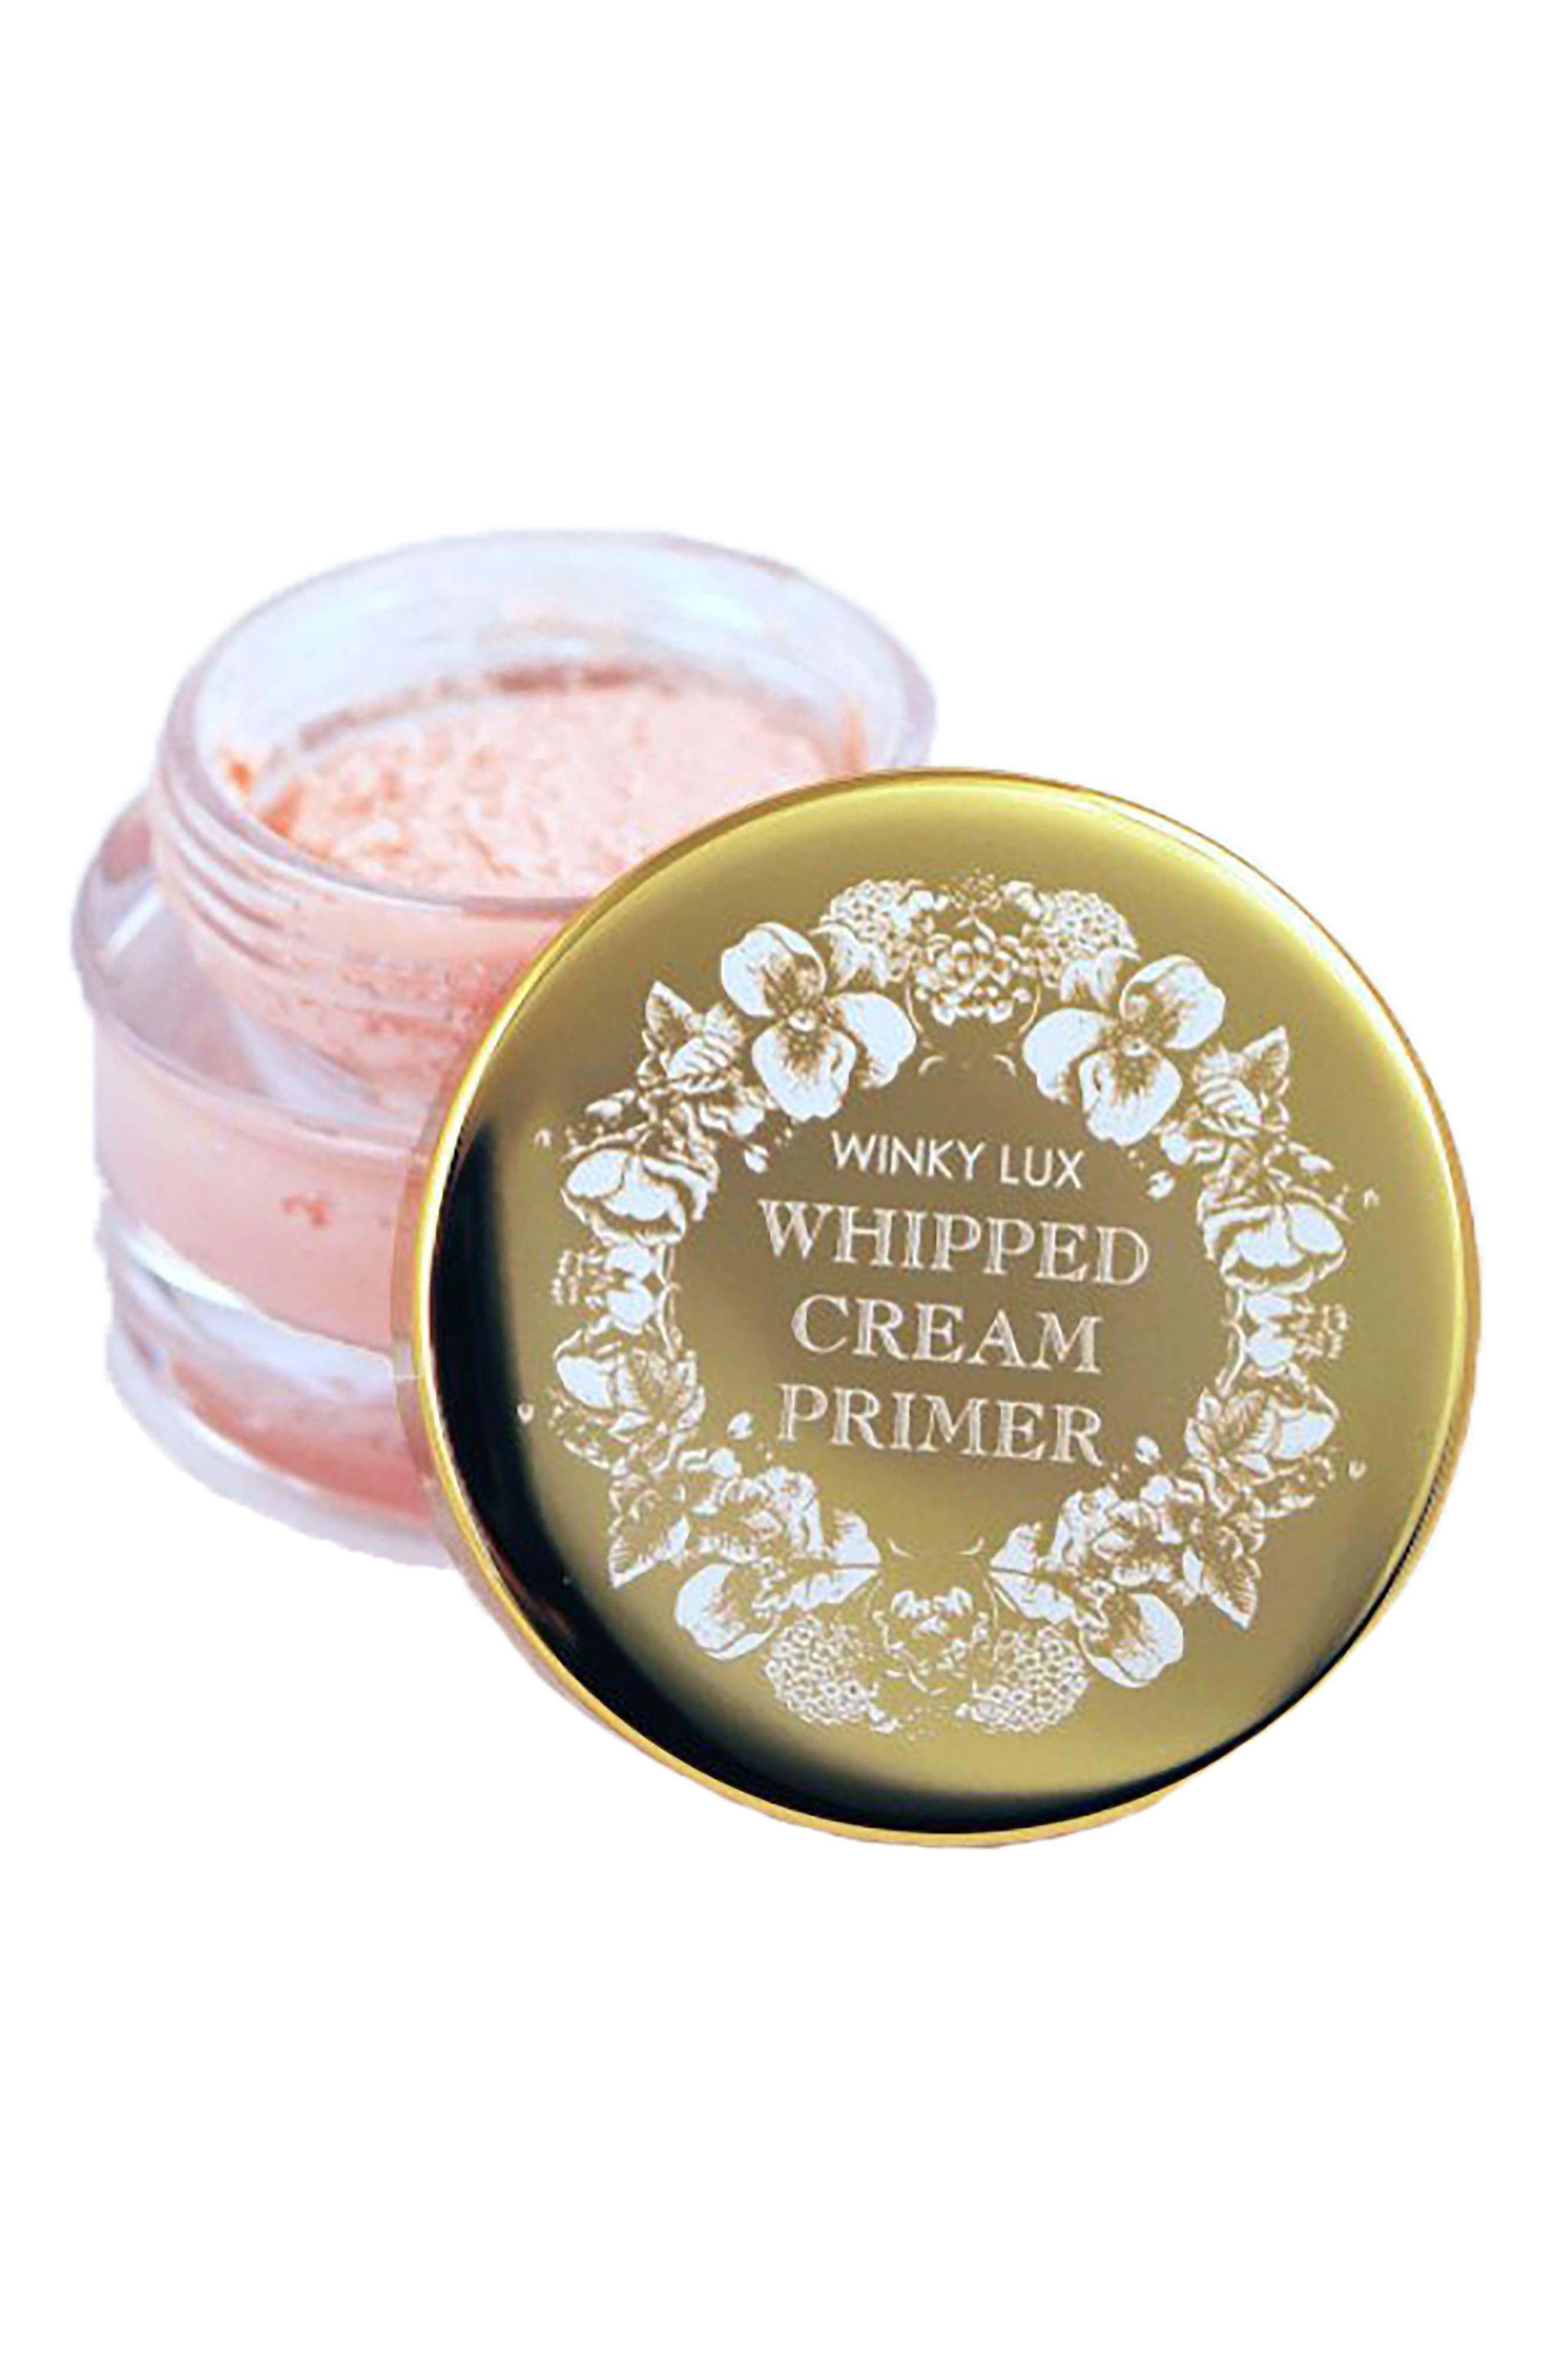 Whipped Cream Primer,                         Main,                         color, Whipped Cream Primer